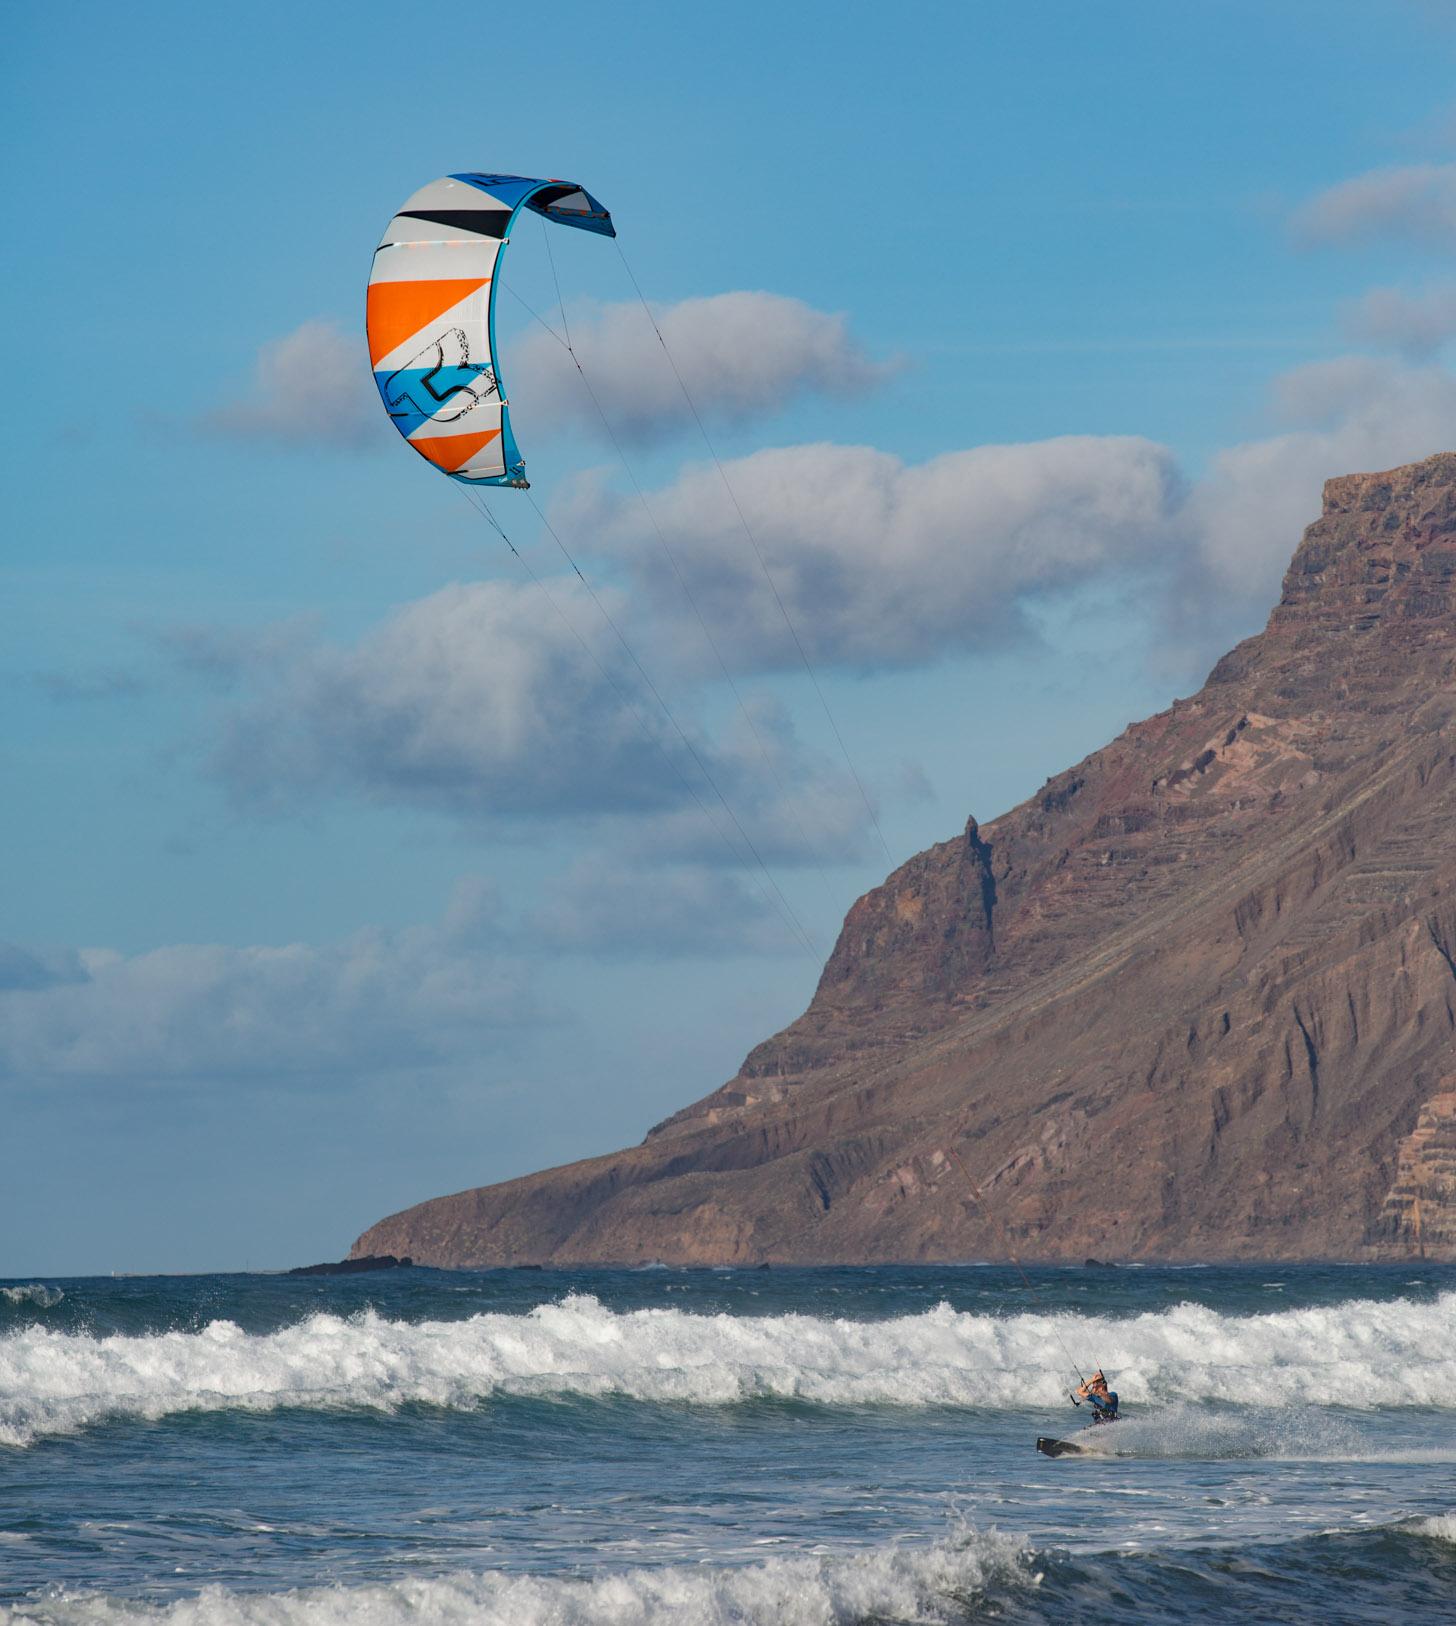 Voor de kitesurfers is wind essentieel voor hun sport.